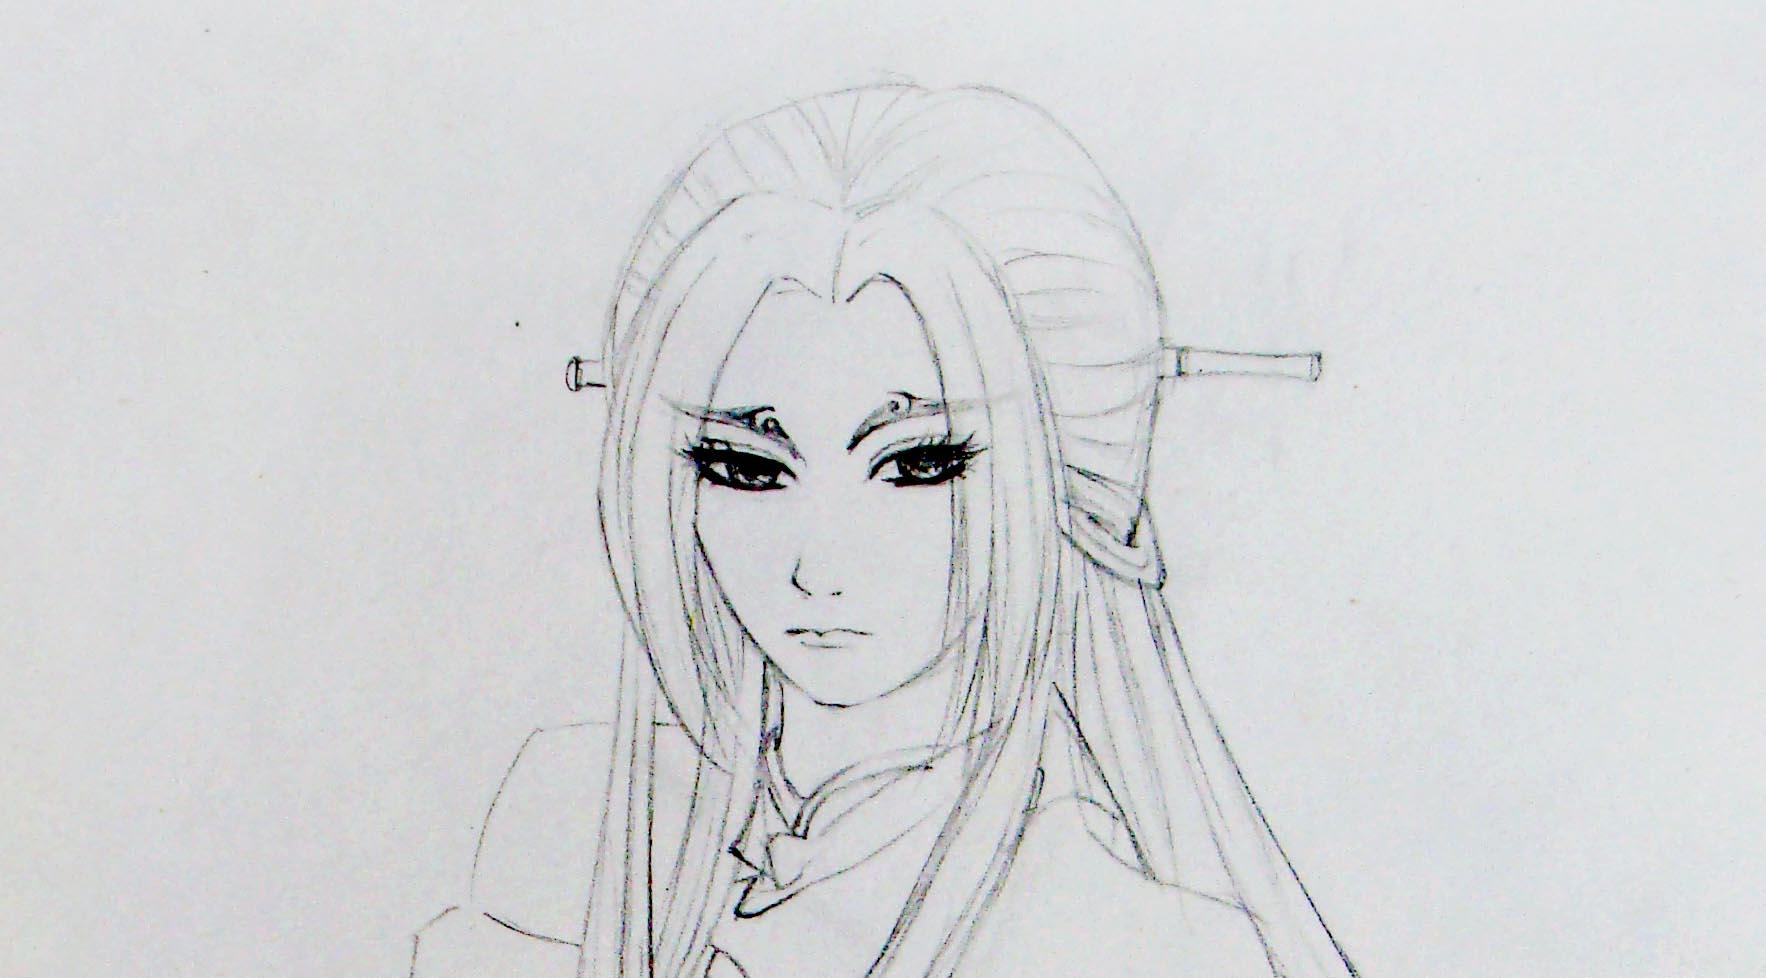 【绘图】素素剑子赤睛六祸夜神曼睩哈哈龙等图片